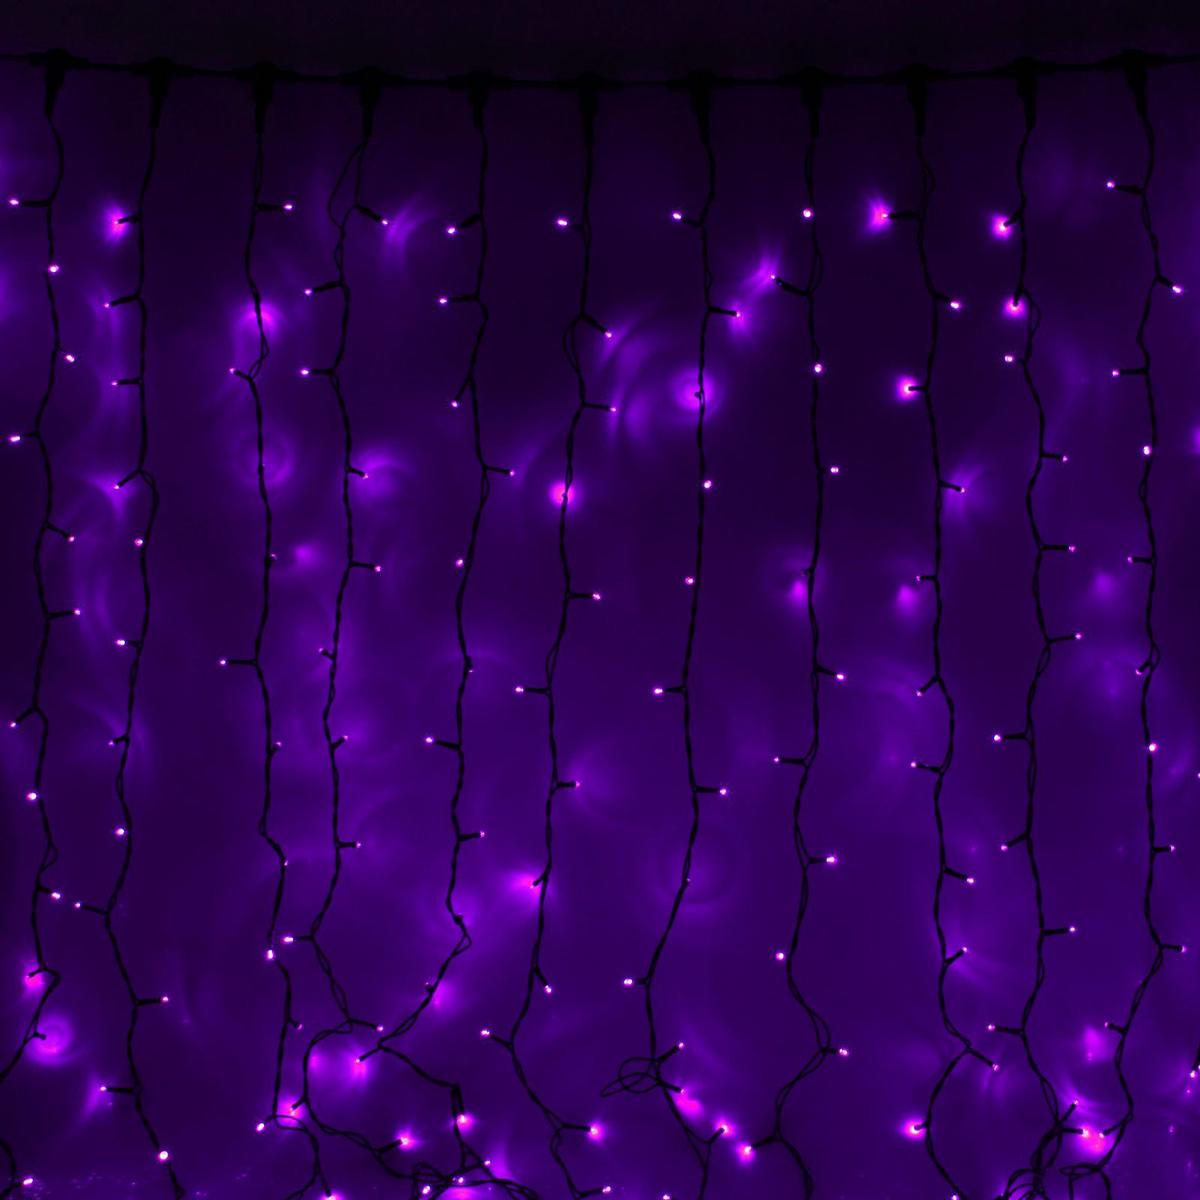 Гирлянда светодиодная Luazon Занавес, цвет: фиолетовый, уличная, 760 ламп, 220 V, 2 х 3 м. 1080238 гирлянда luazon занавес 2m 3m green 1080474